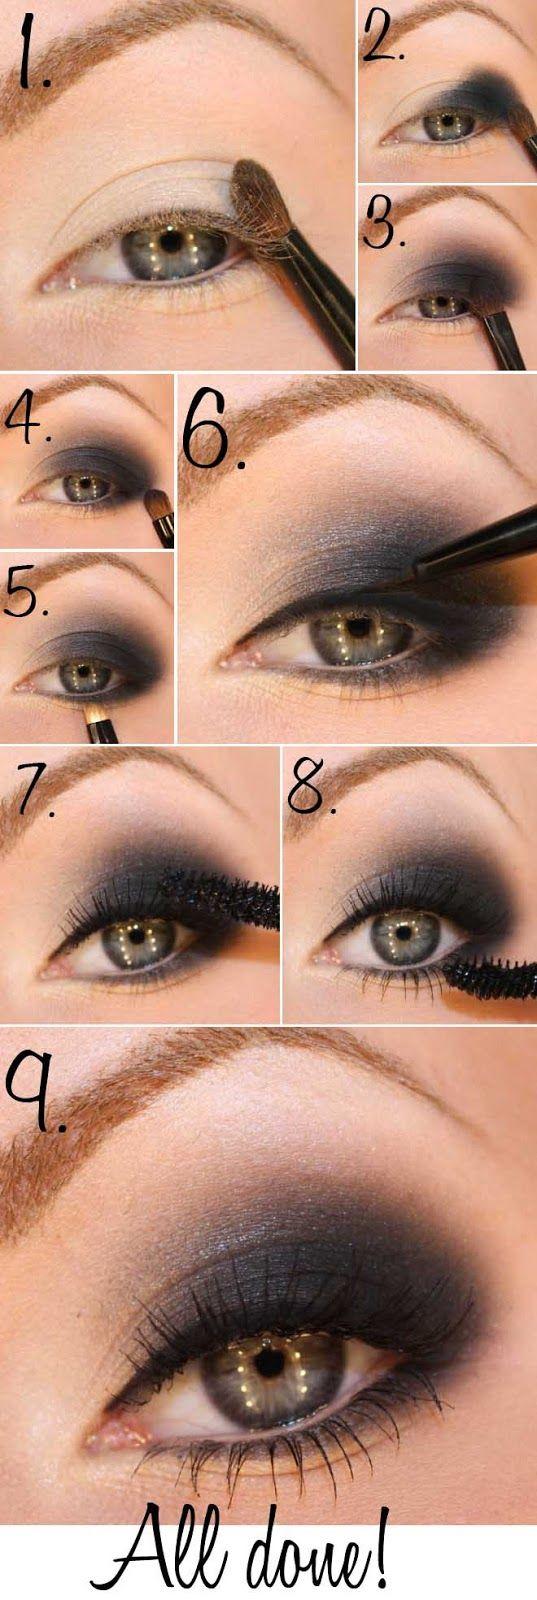 Göz Makyajı Nasıl Yapılmalı